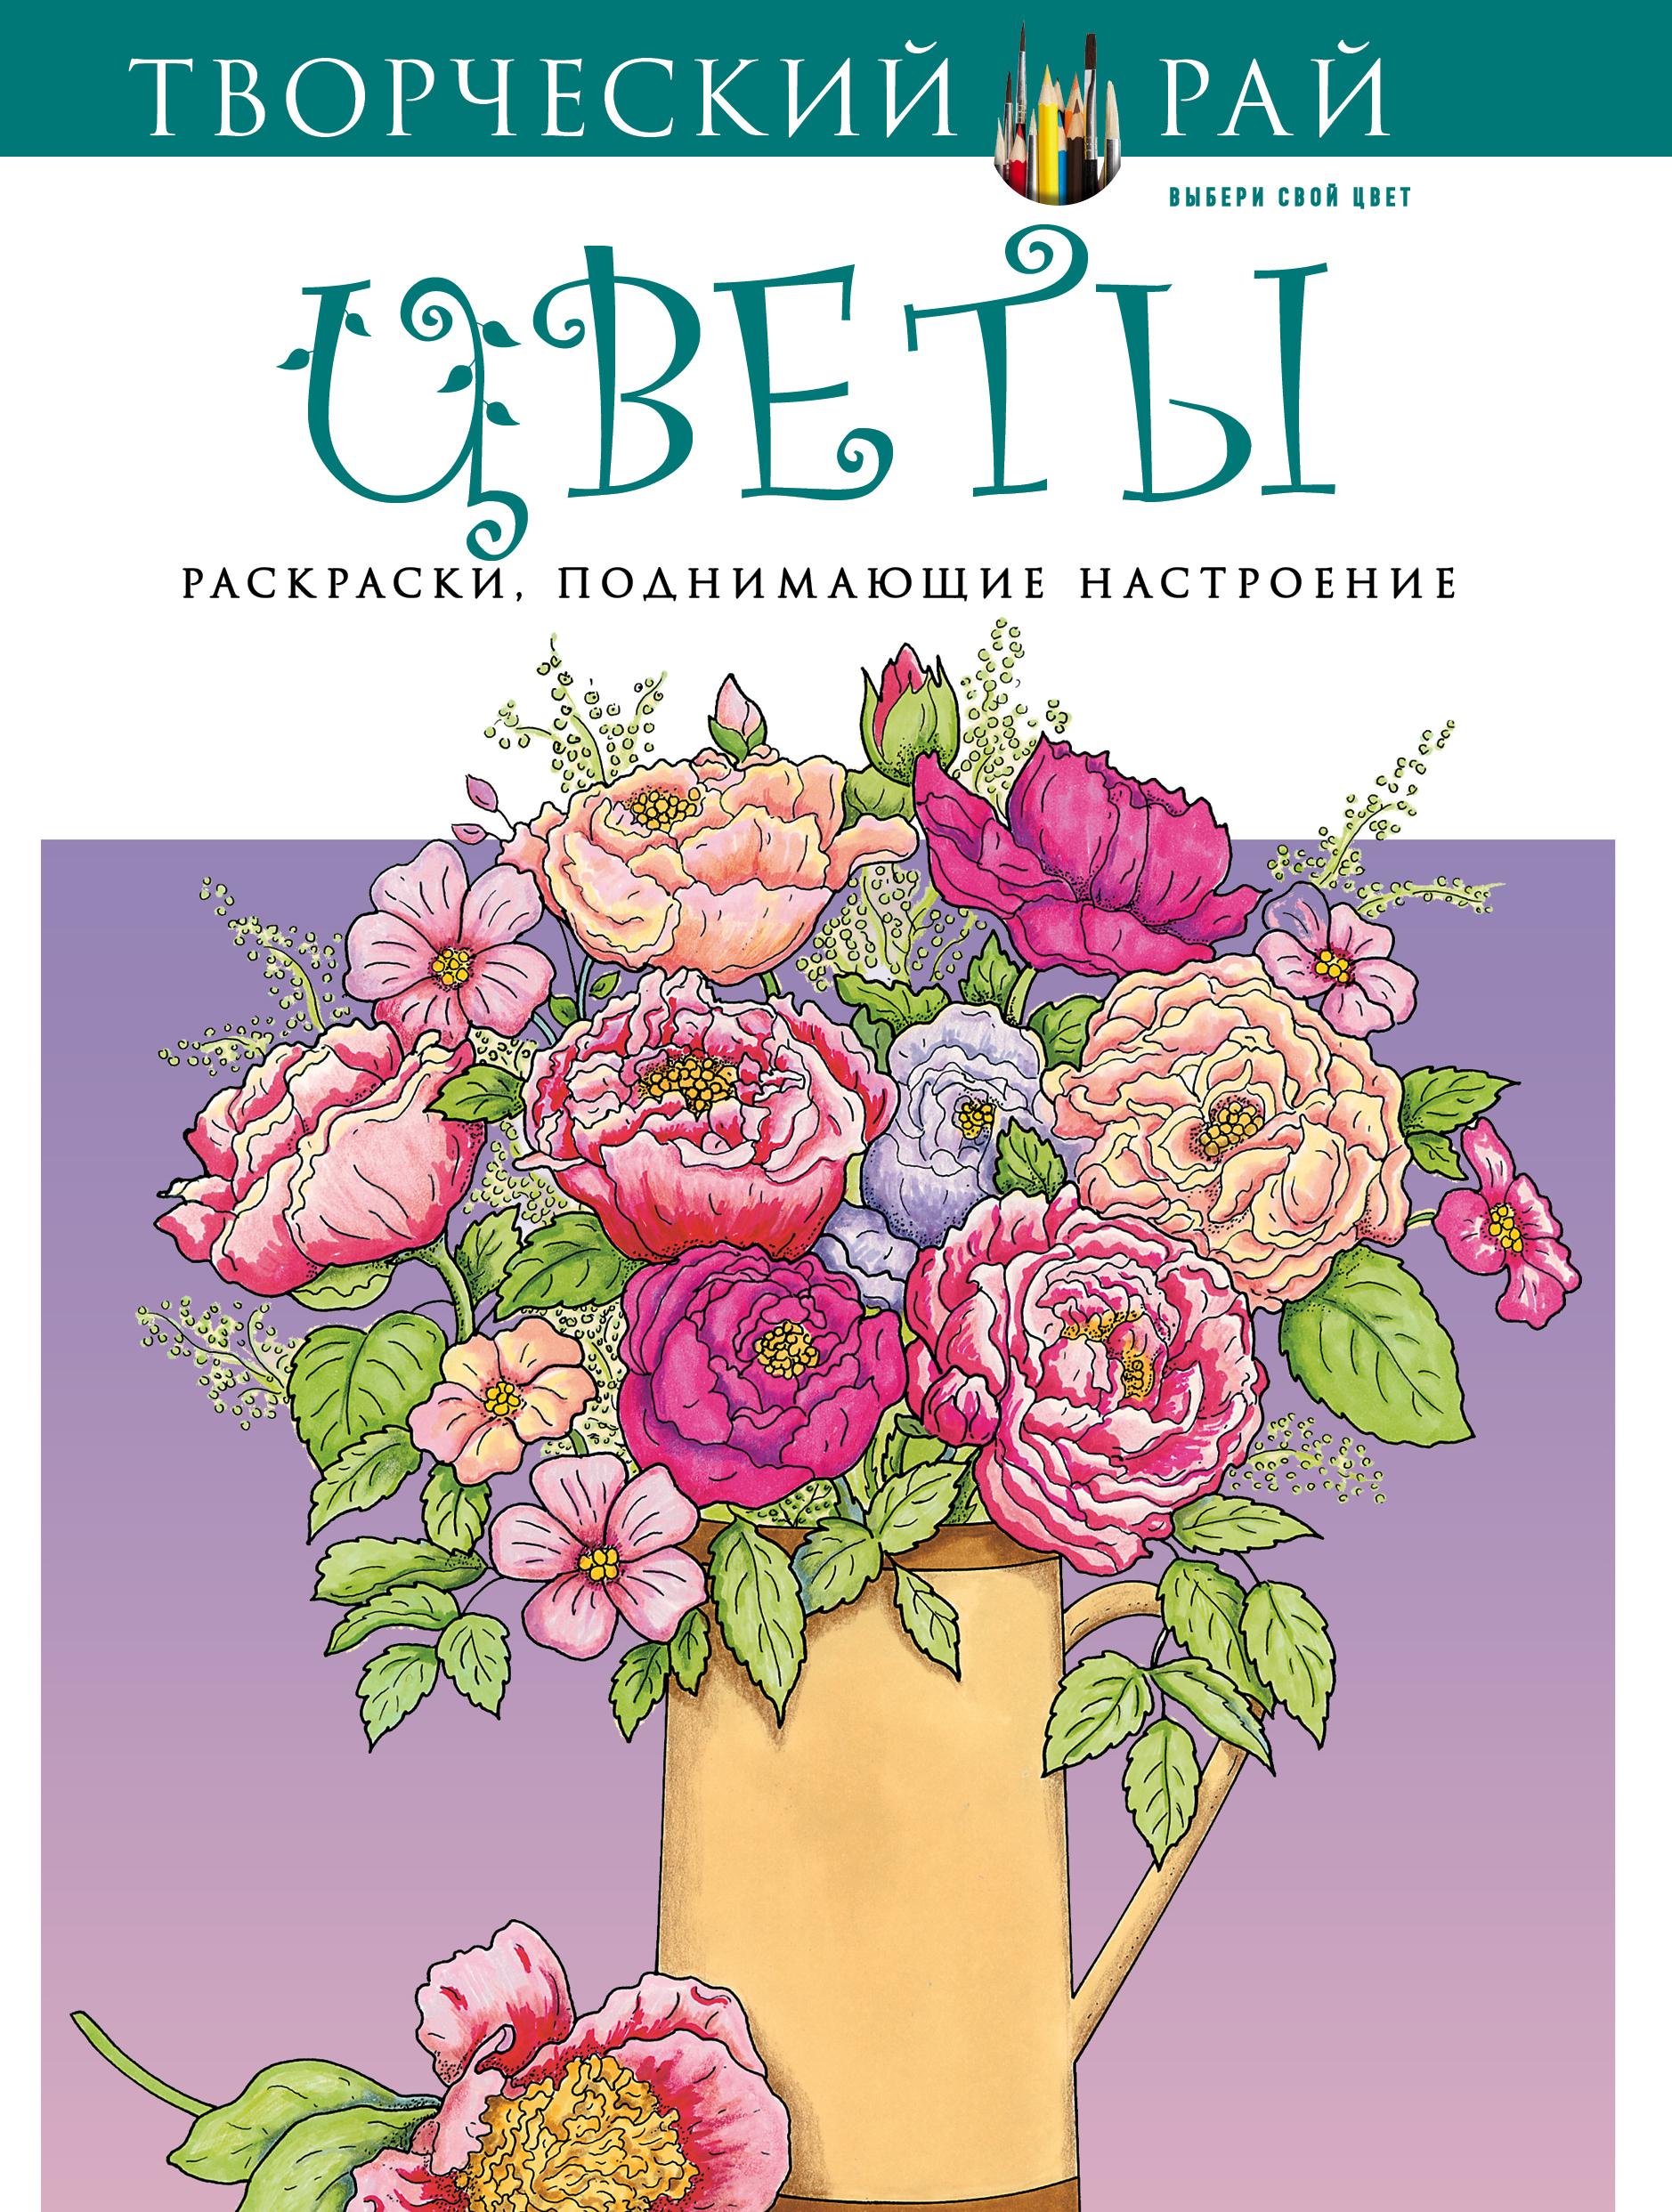 Цветы. Раскраски, поднимающие настроение (с перфорацией) цветы раскраски поднимающие настроение